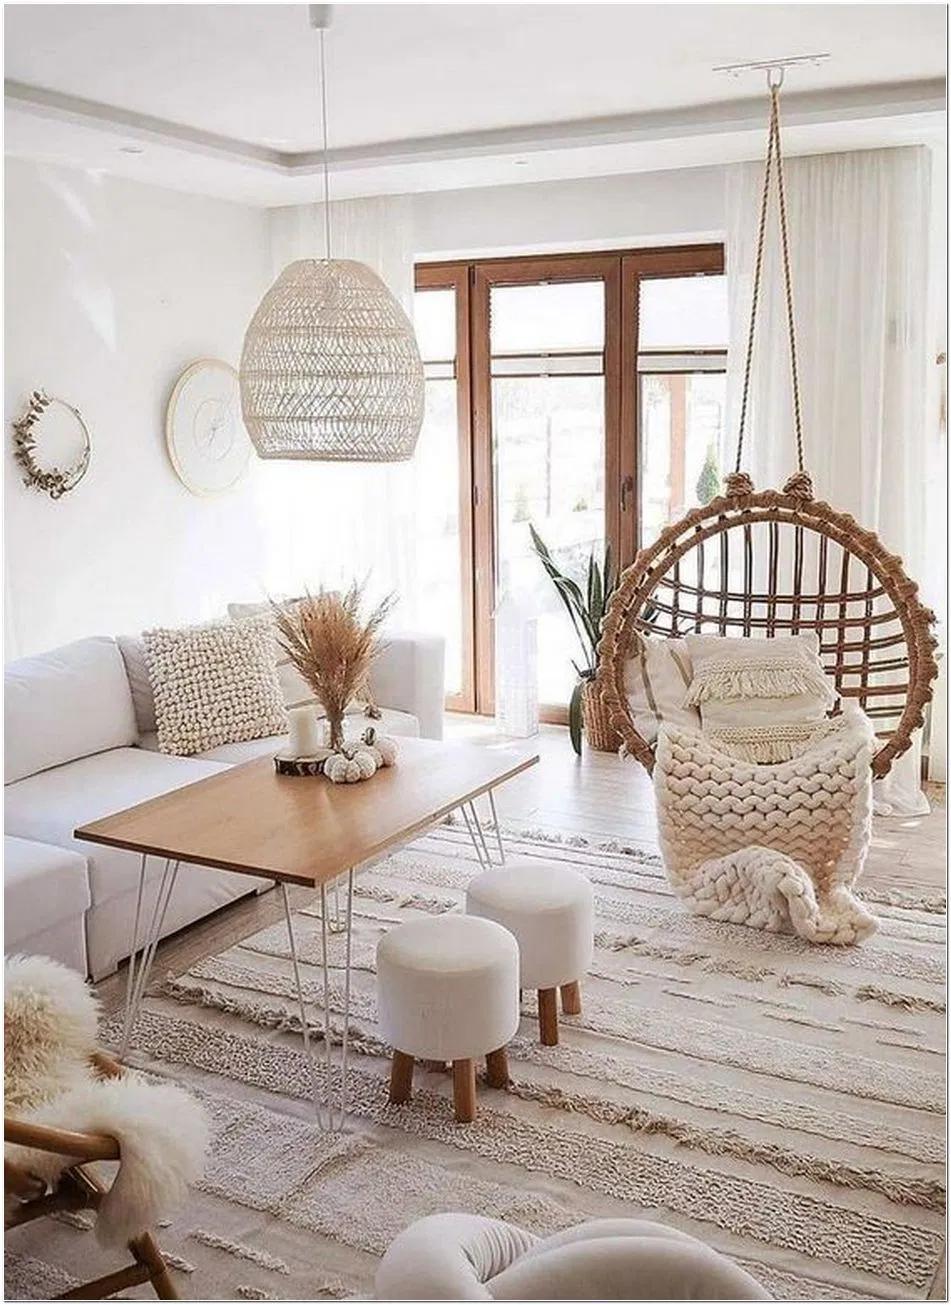 Photo of 75 Using Boho Decor For A Modern Farmhouse Living Room 3